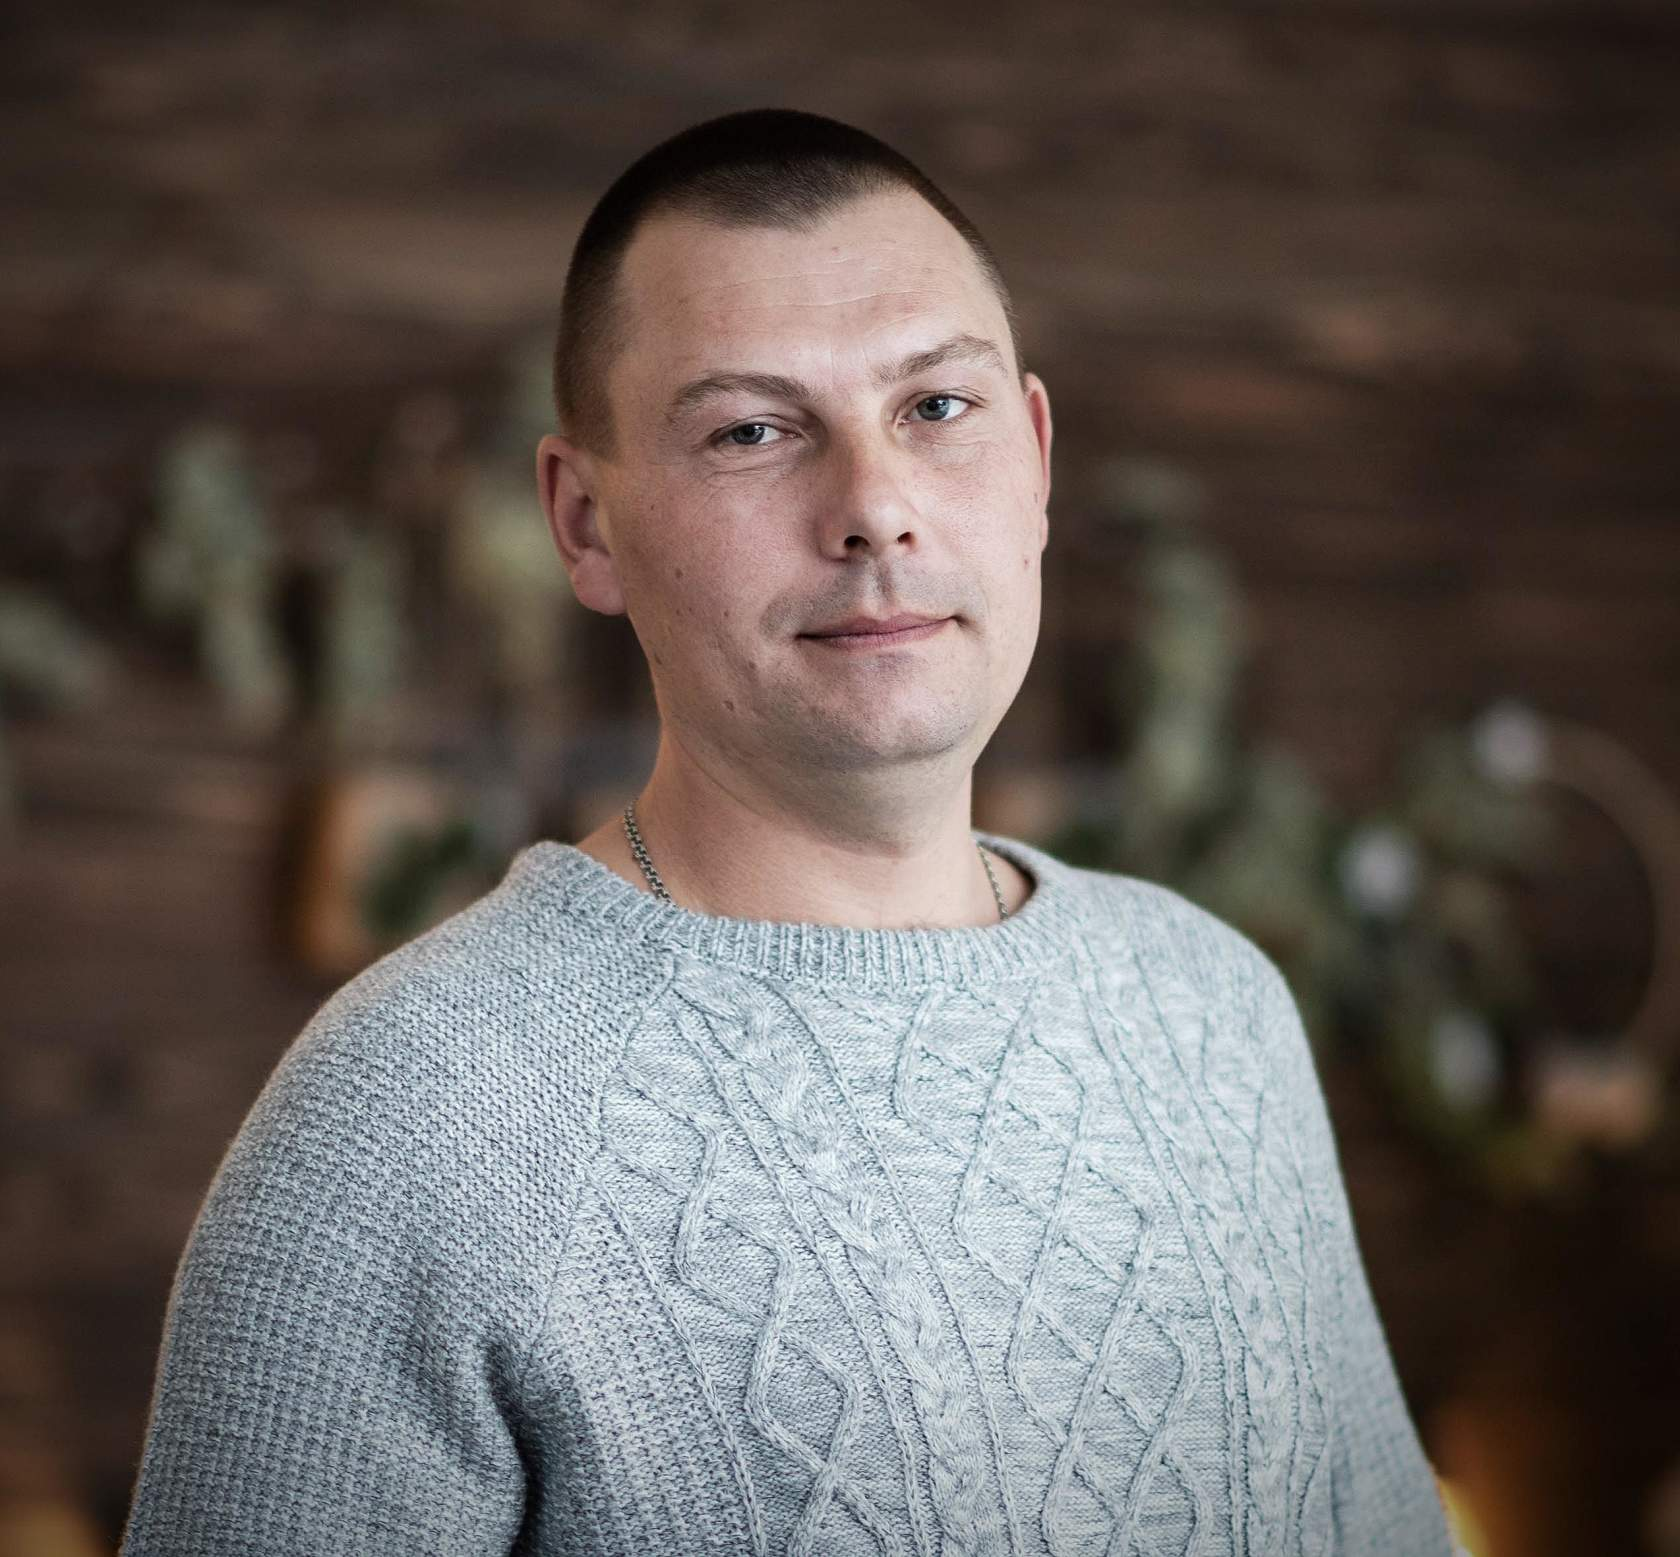 Denis Alexandrovitj Zabolotnikov, f. 09.10.1983